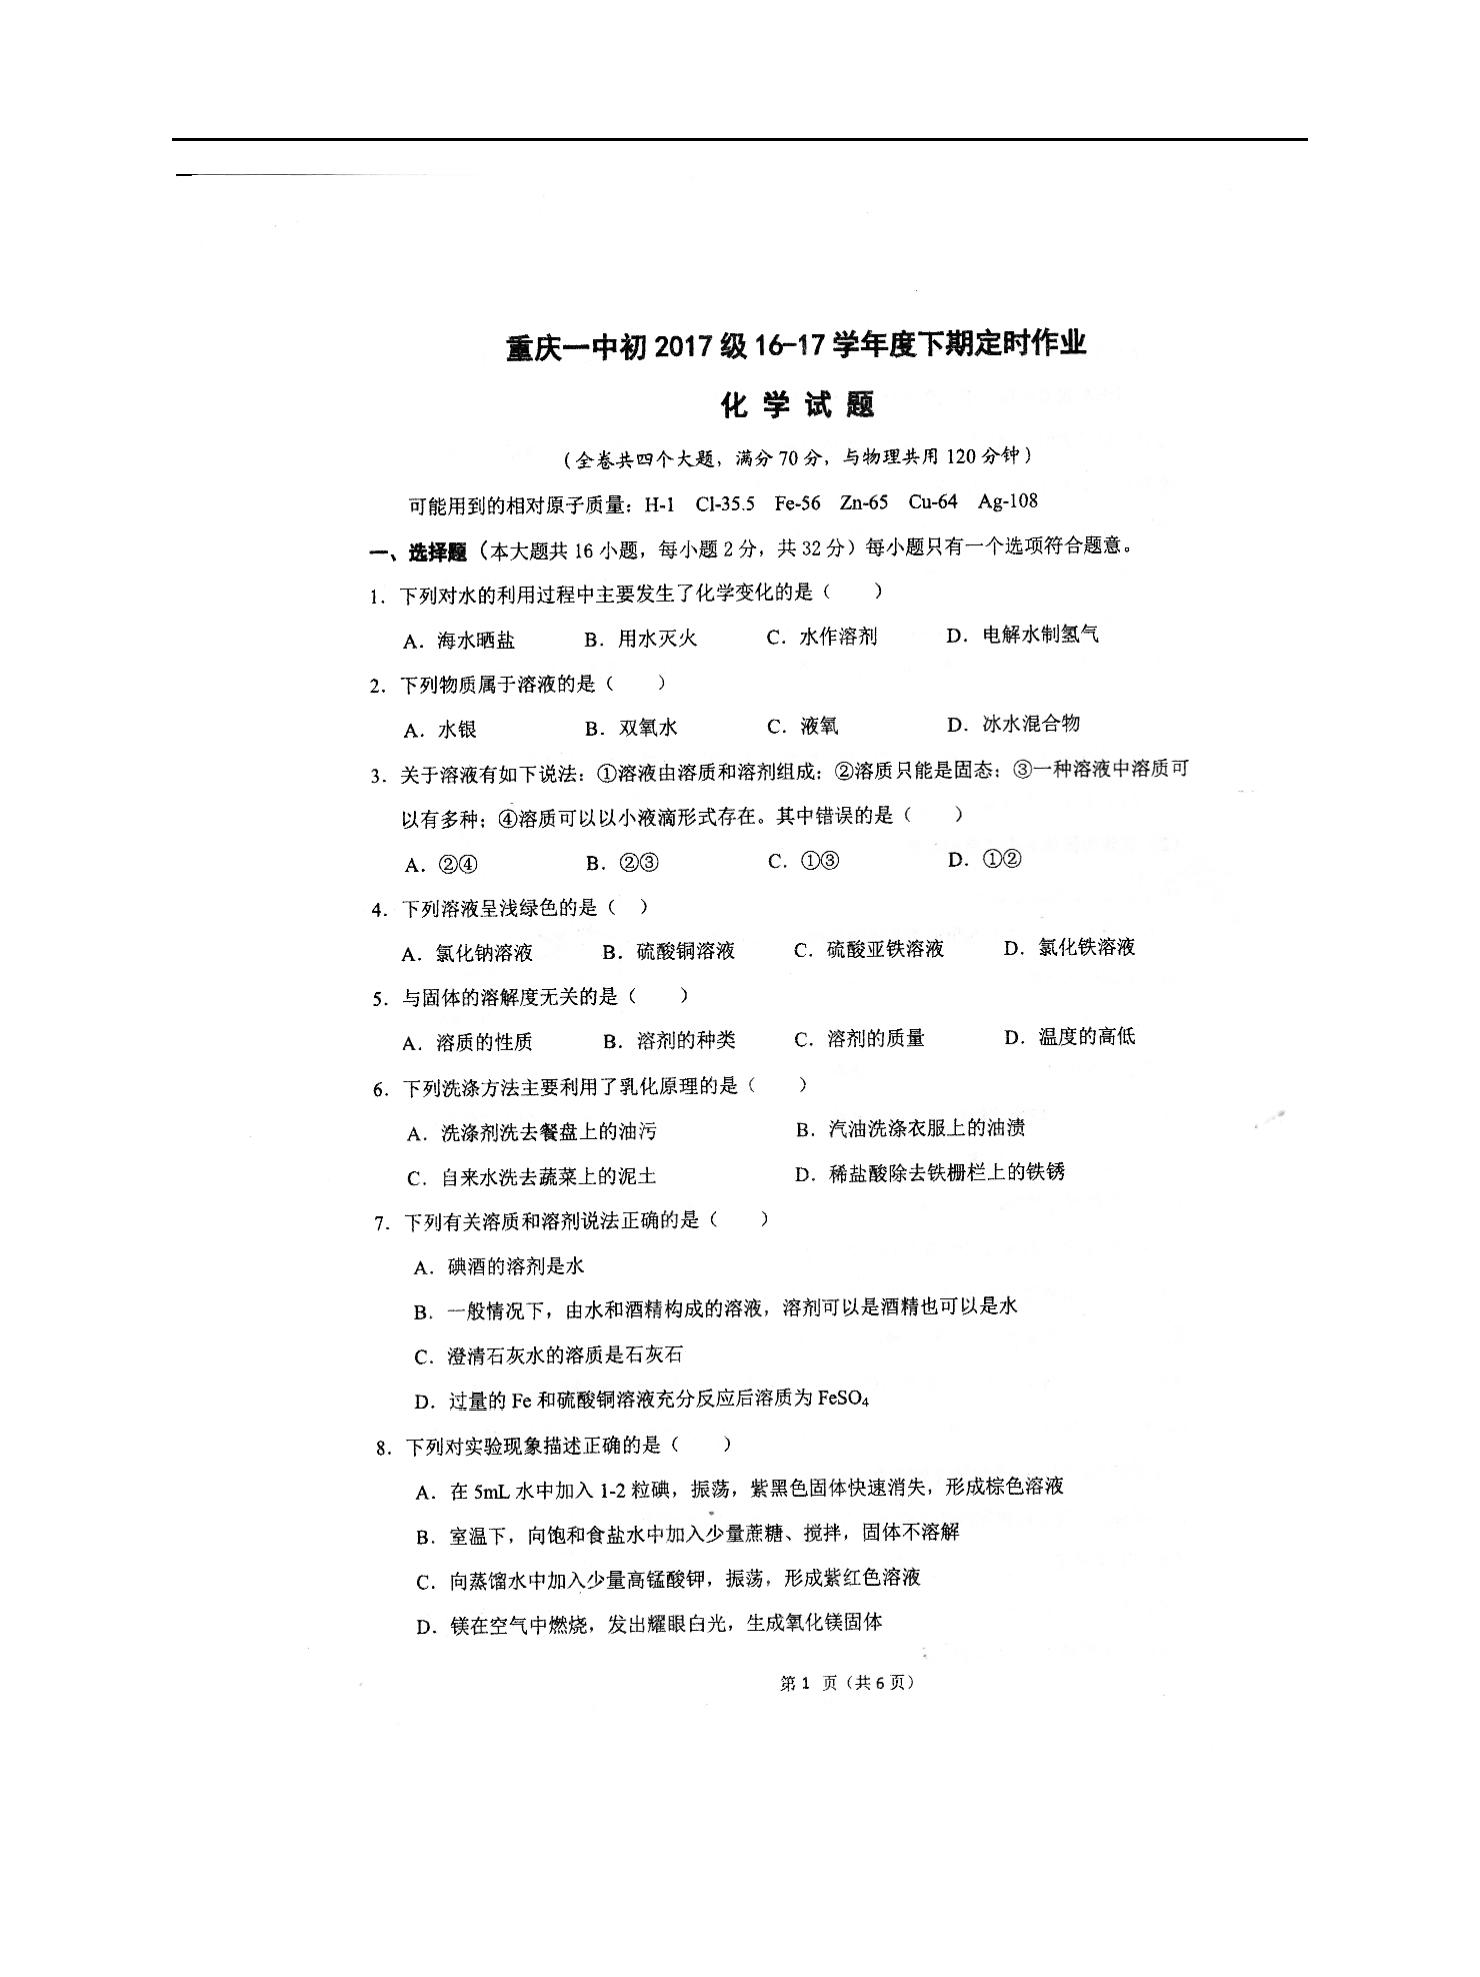 重庆第一中学2017九年级3月定时作业化学试题(Word版)